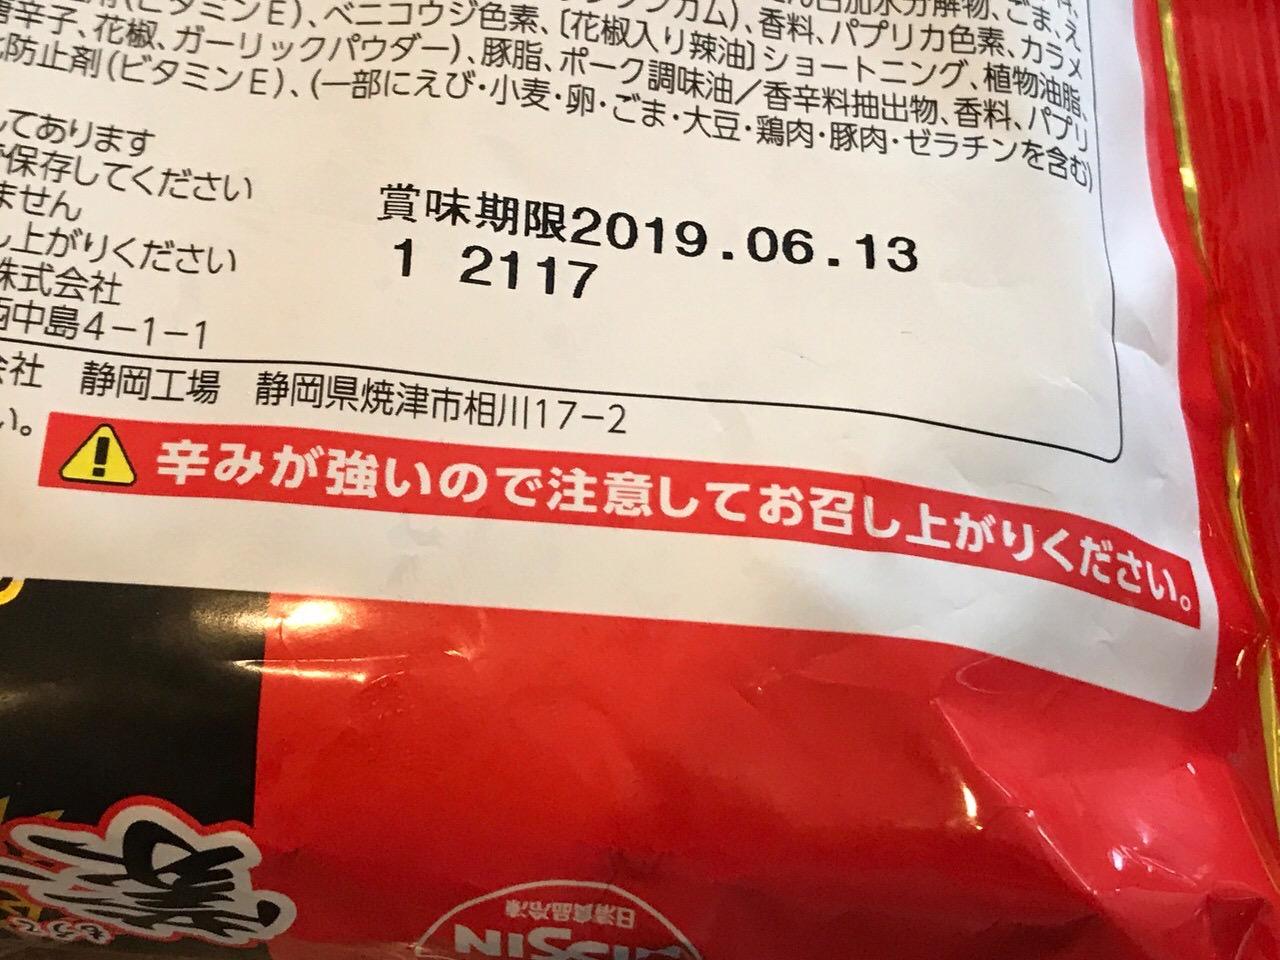 蒙古タンメン中本 汁なし麻辣麺 06